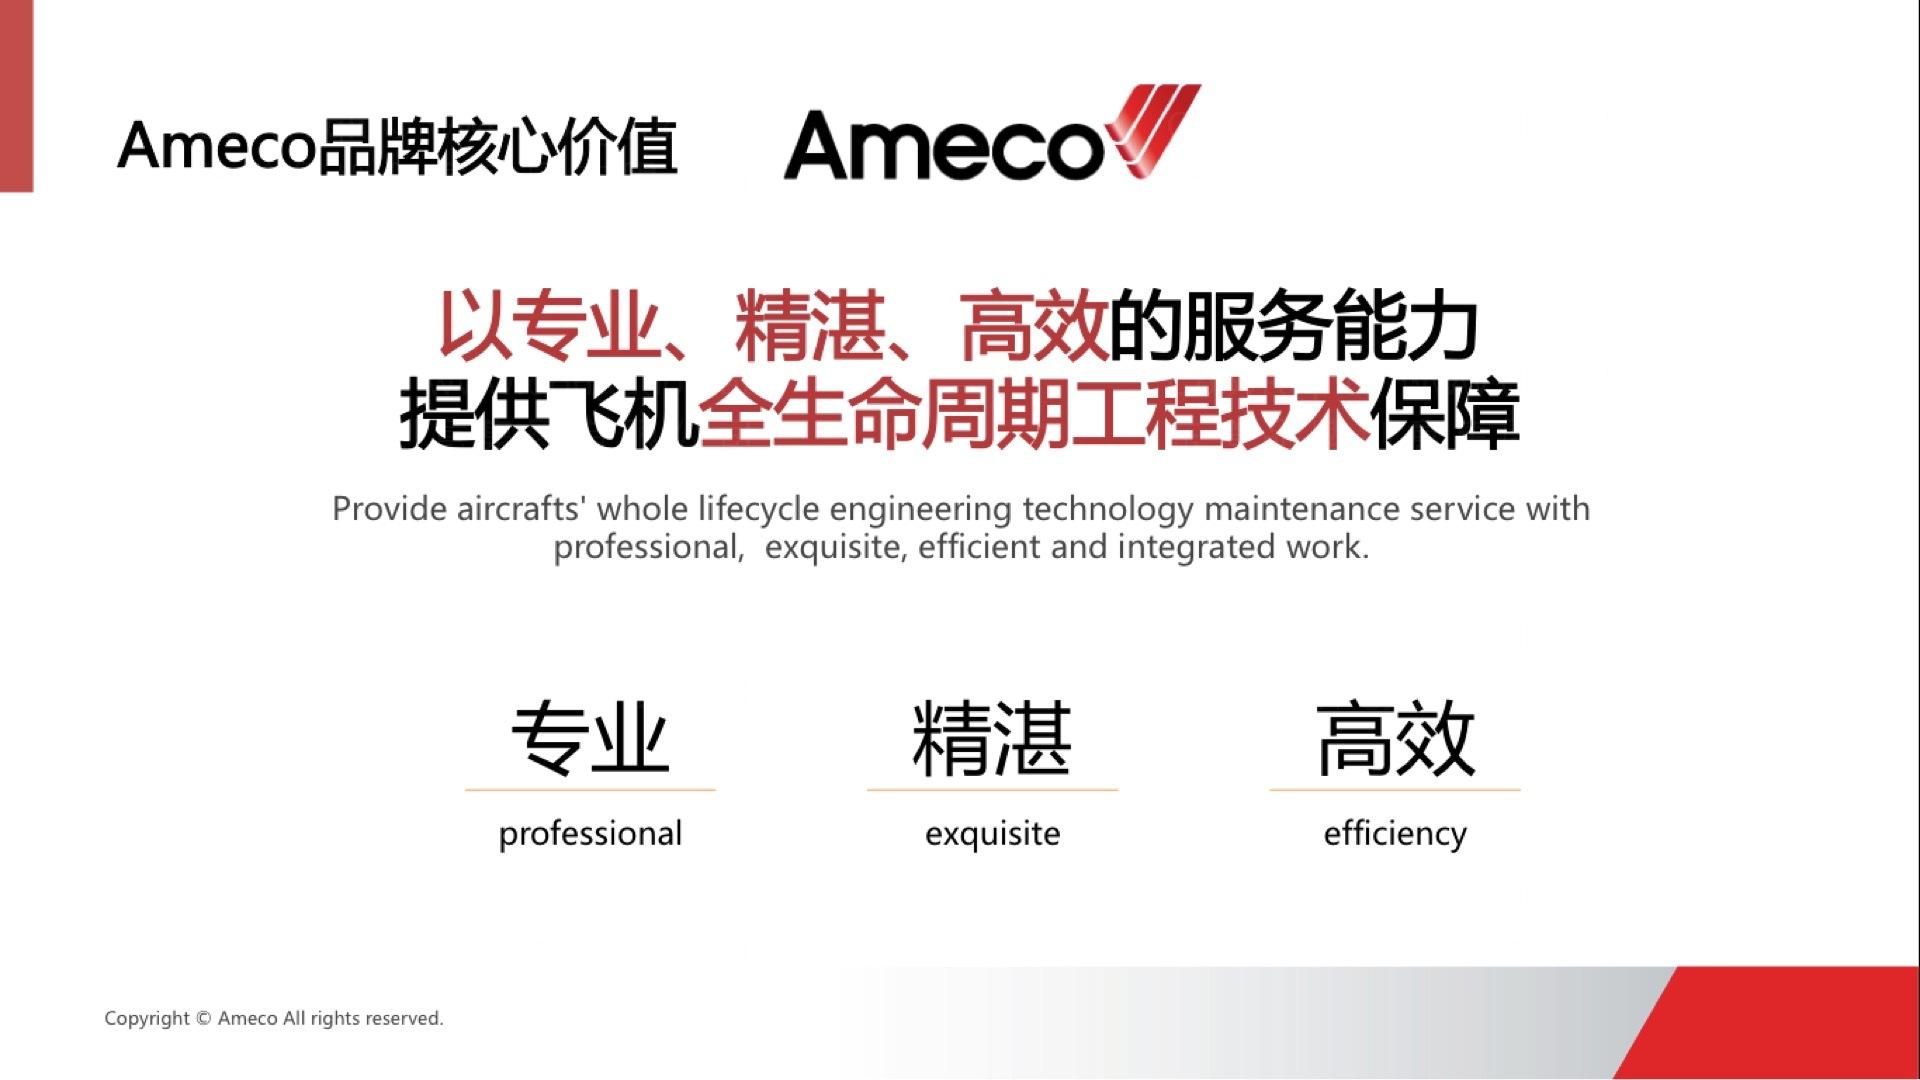 航空公司品牌战略规划设计应用场景